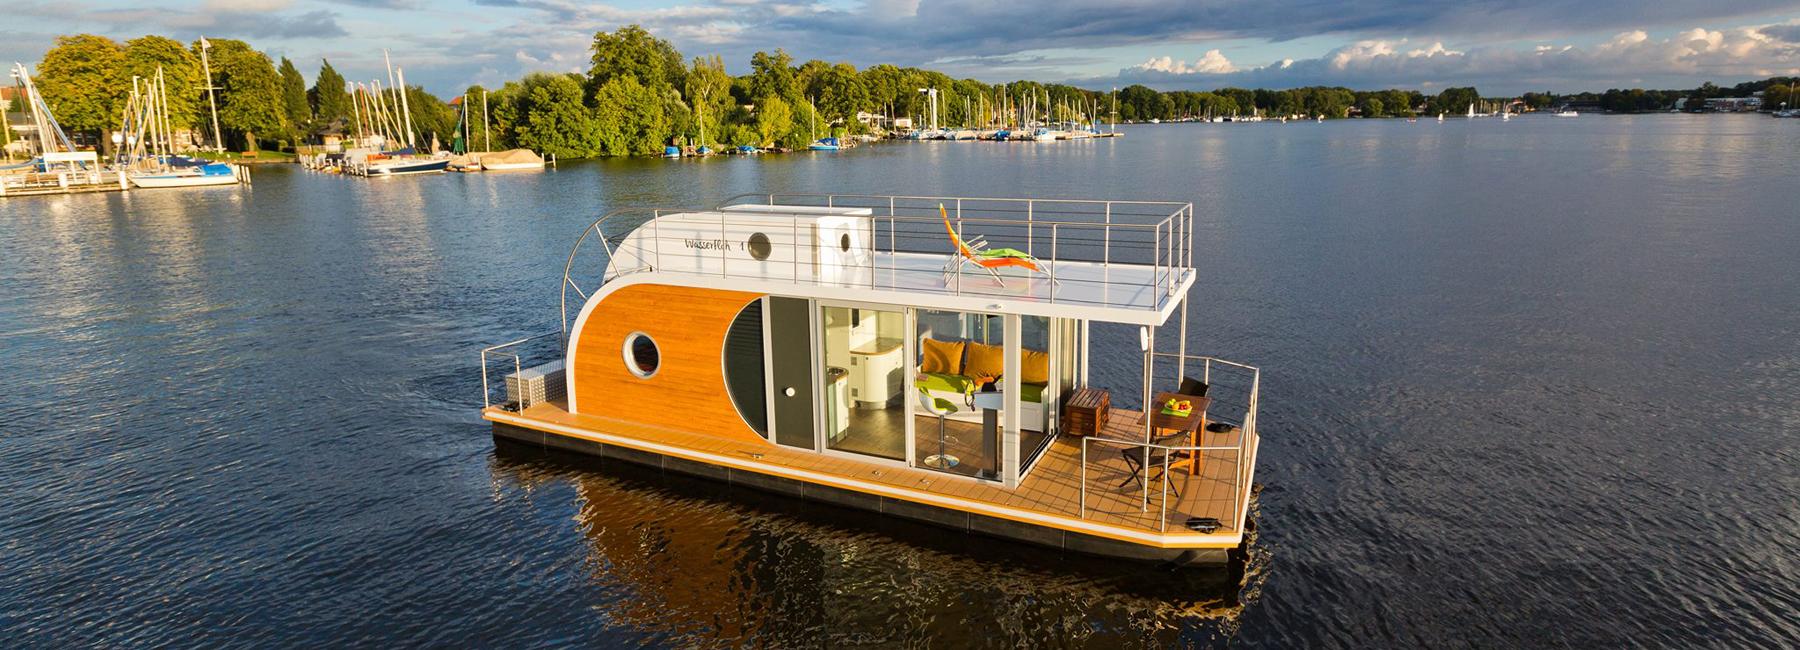 nautilus-hausboote-floating-home-designboom-header.jpg